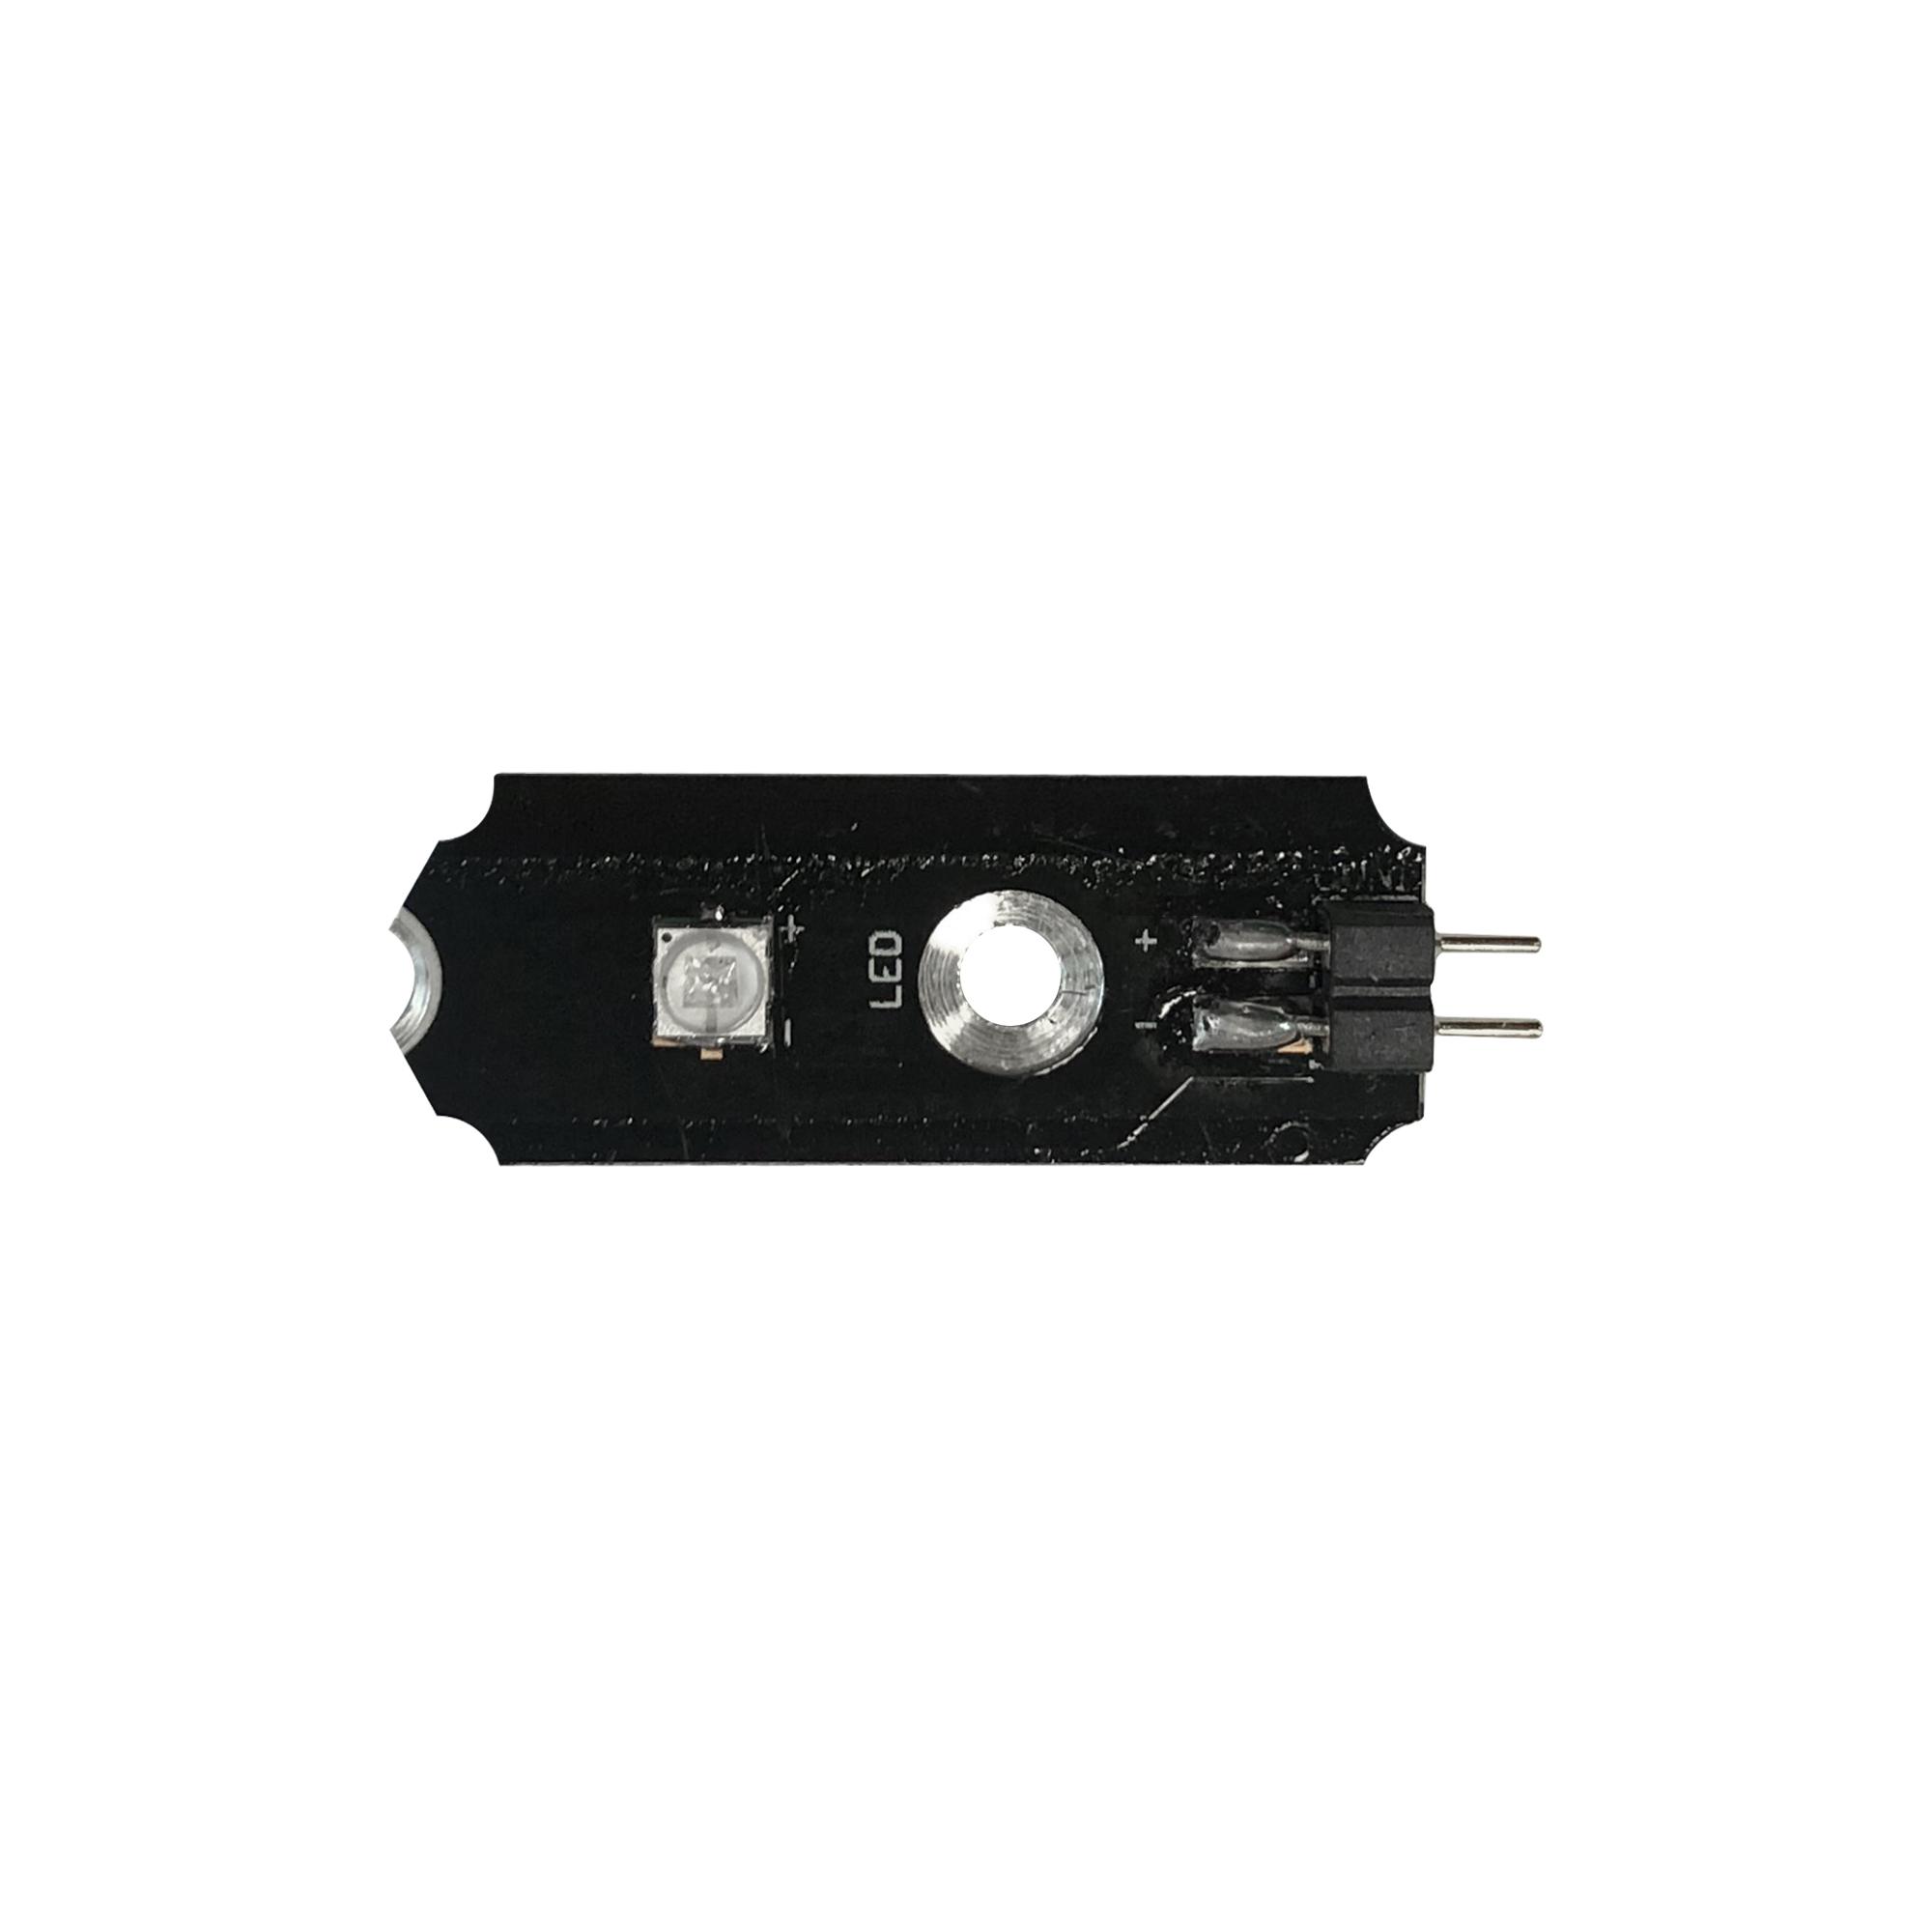 LED de rechange Royal Blue 7000-8300K 5W (Réf : 216132) pour Série 6 AQUARIUM SYSTEMS et ARCADIA